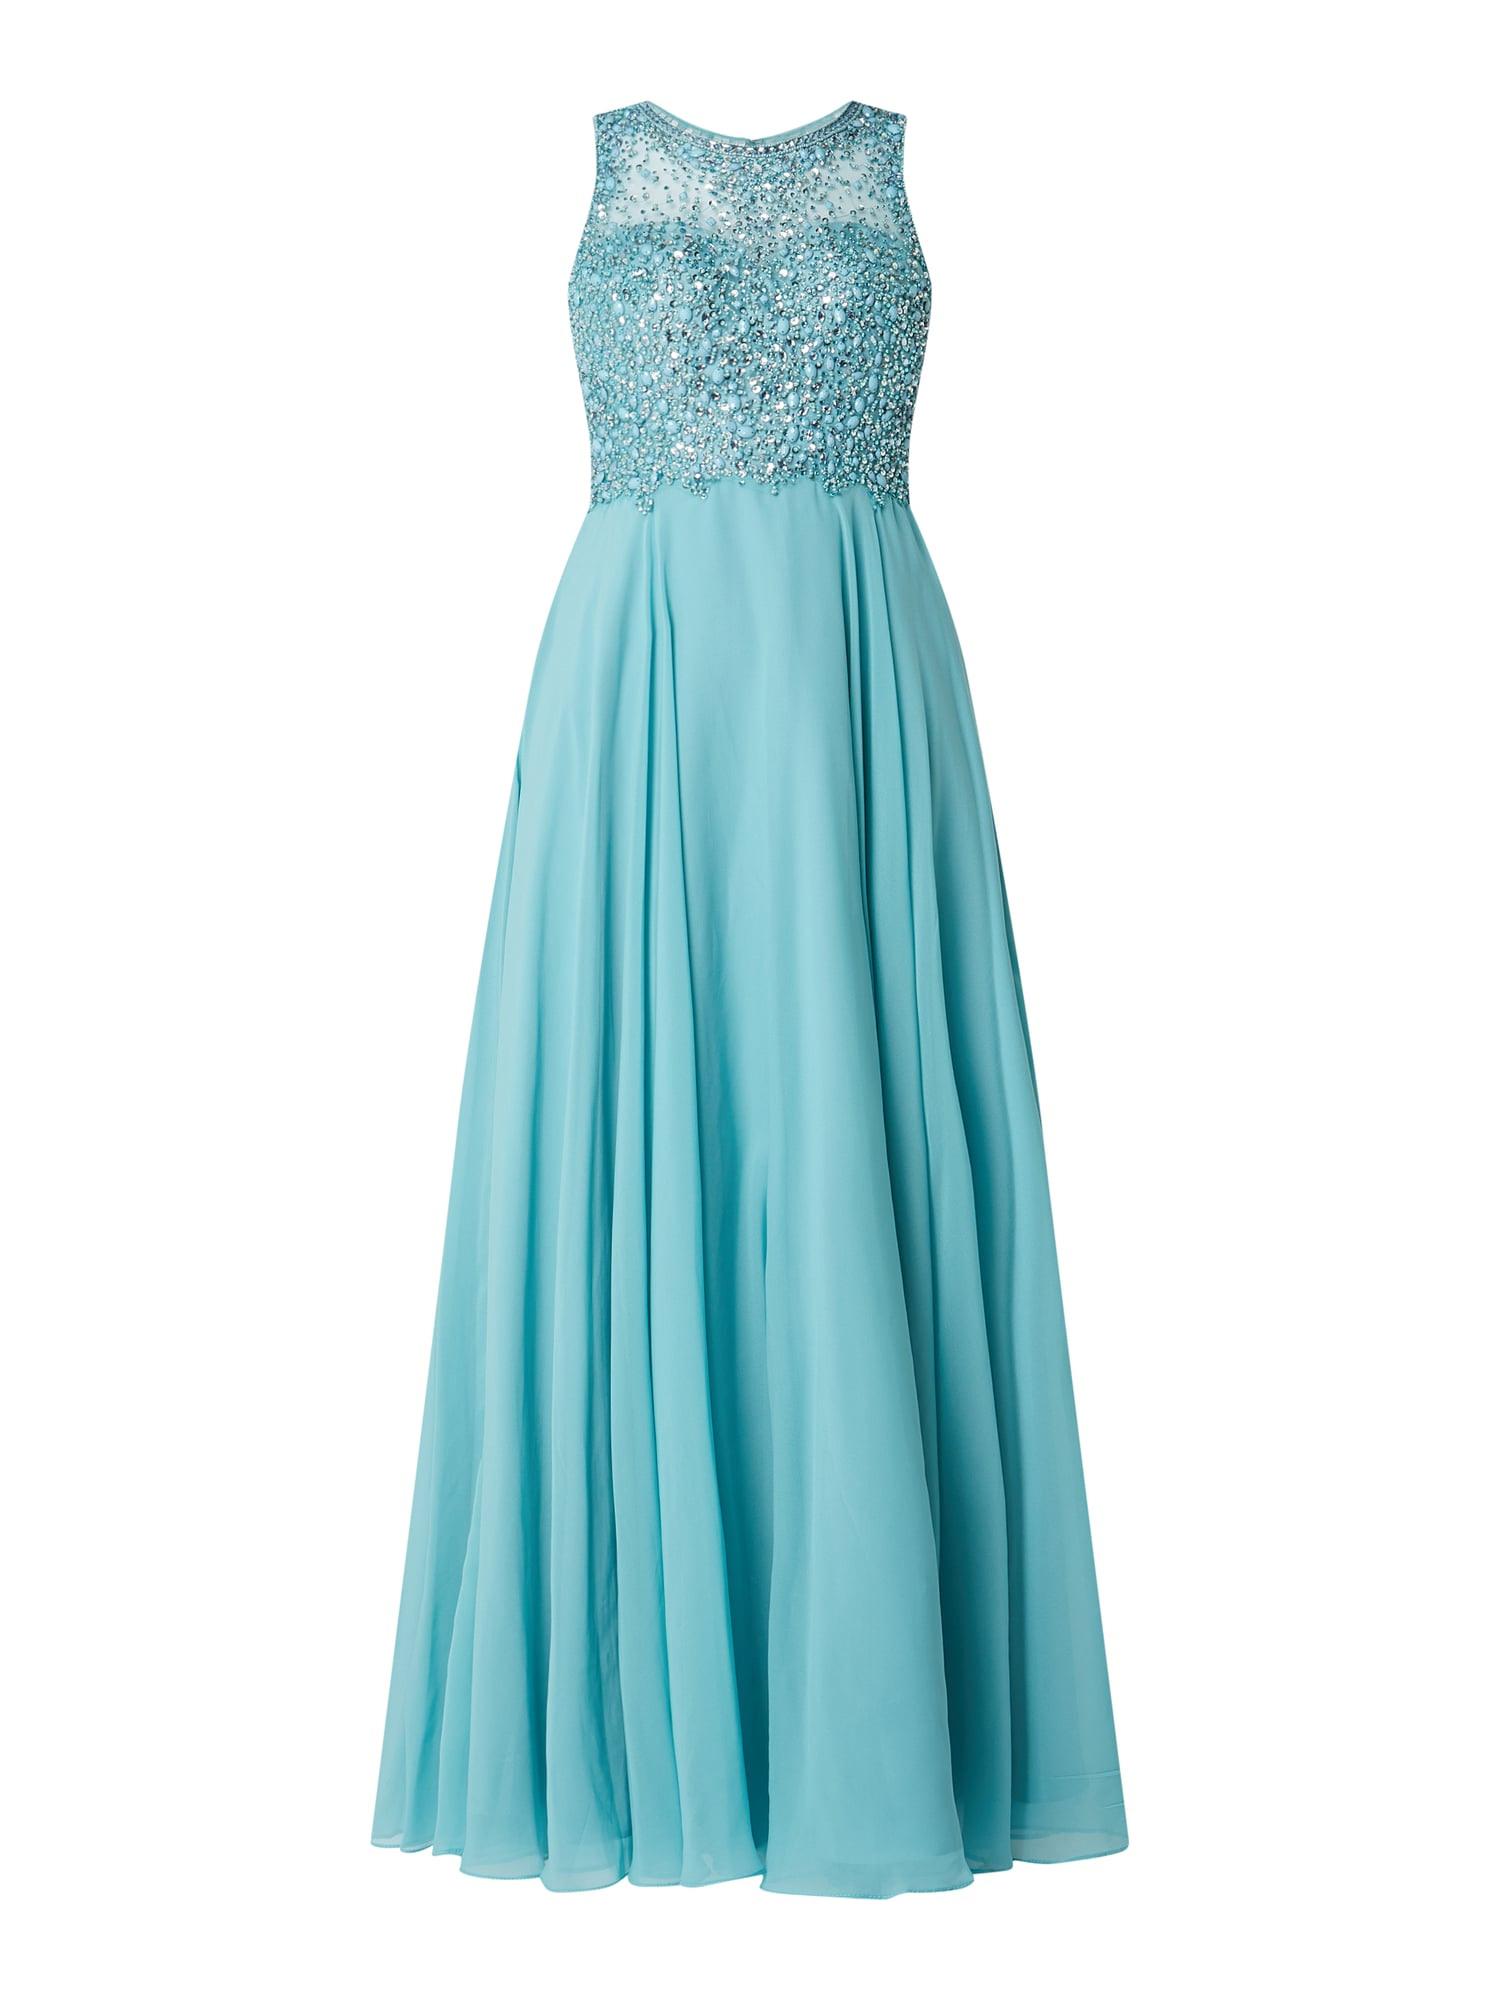 Formal Ausgezeichnet Unique Abendkleid Blau SpezialgebietAbend Spektakulär Unique Abendkleid Blau Vertrieb